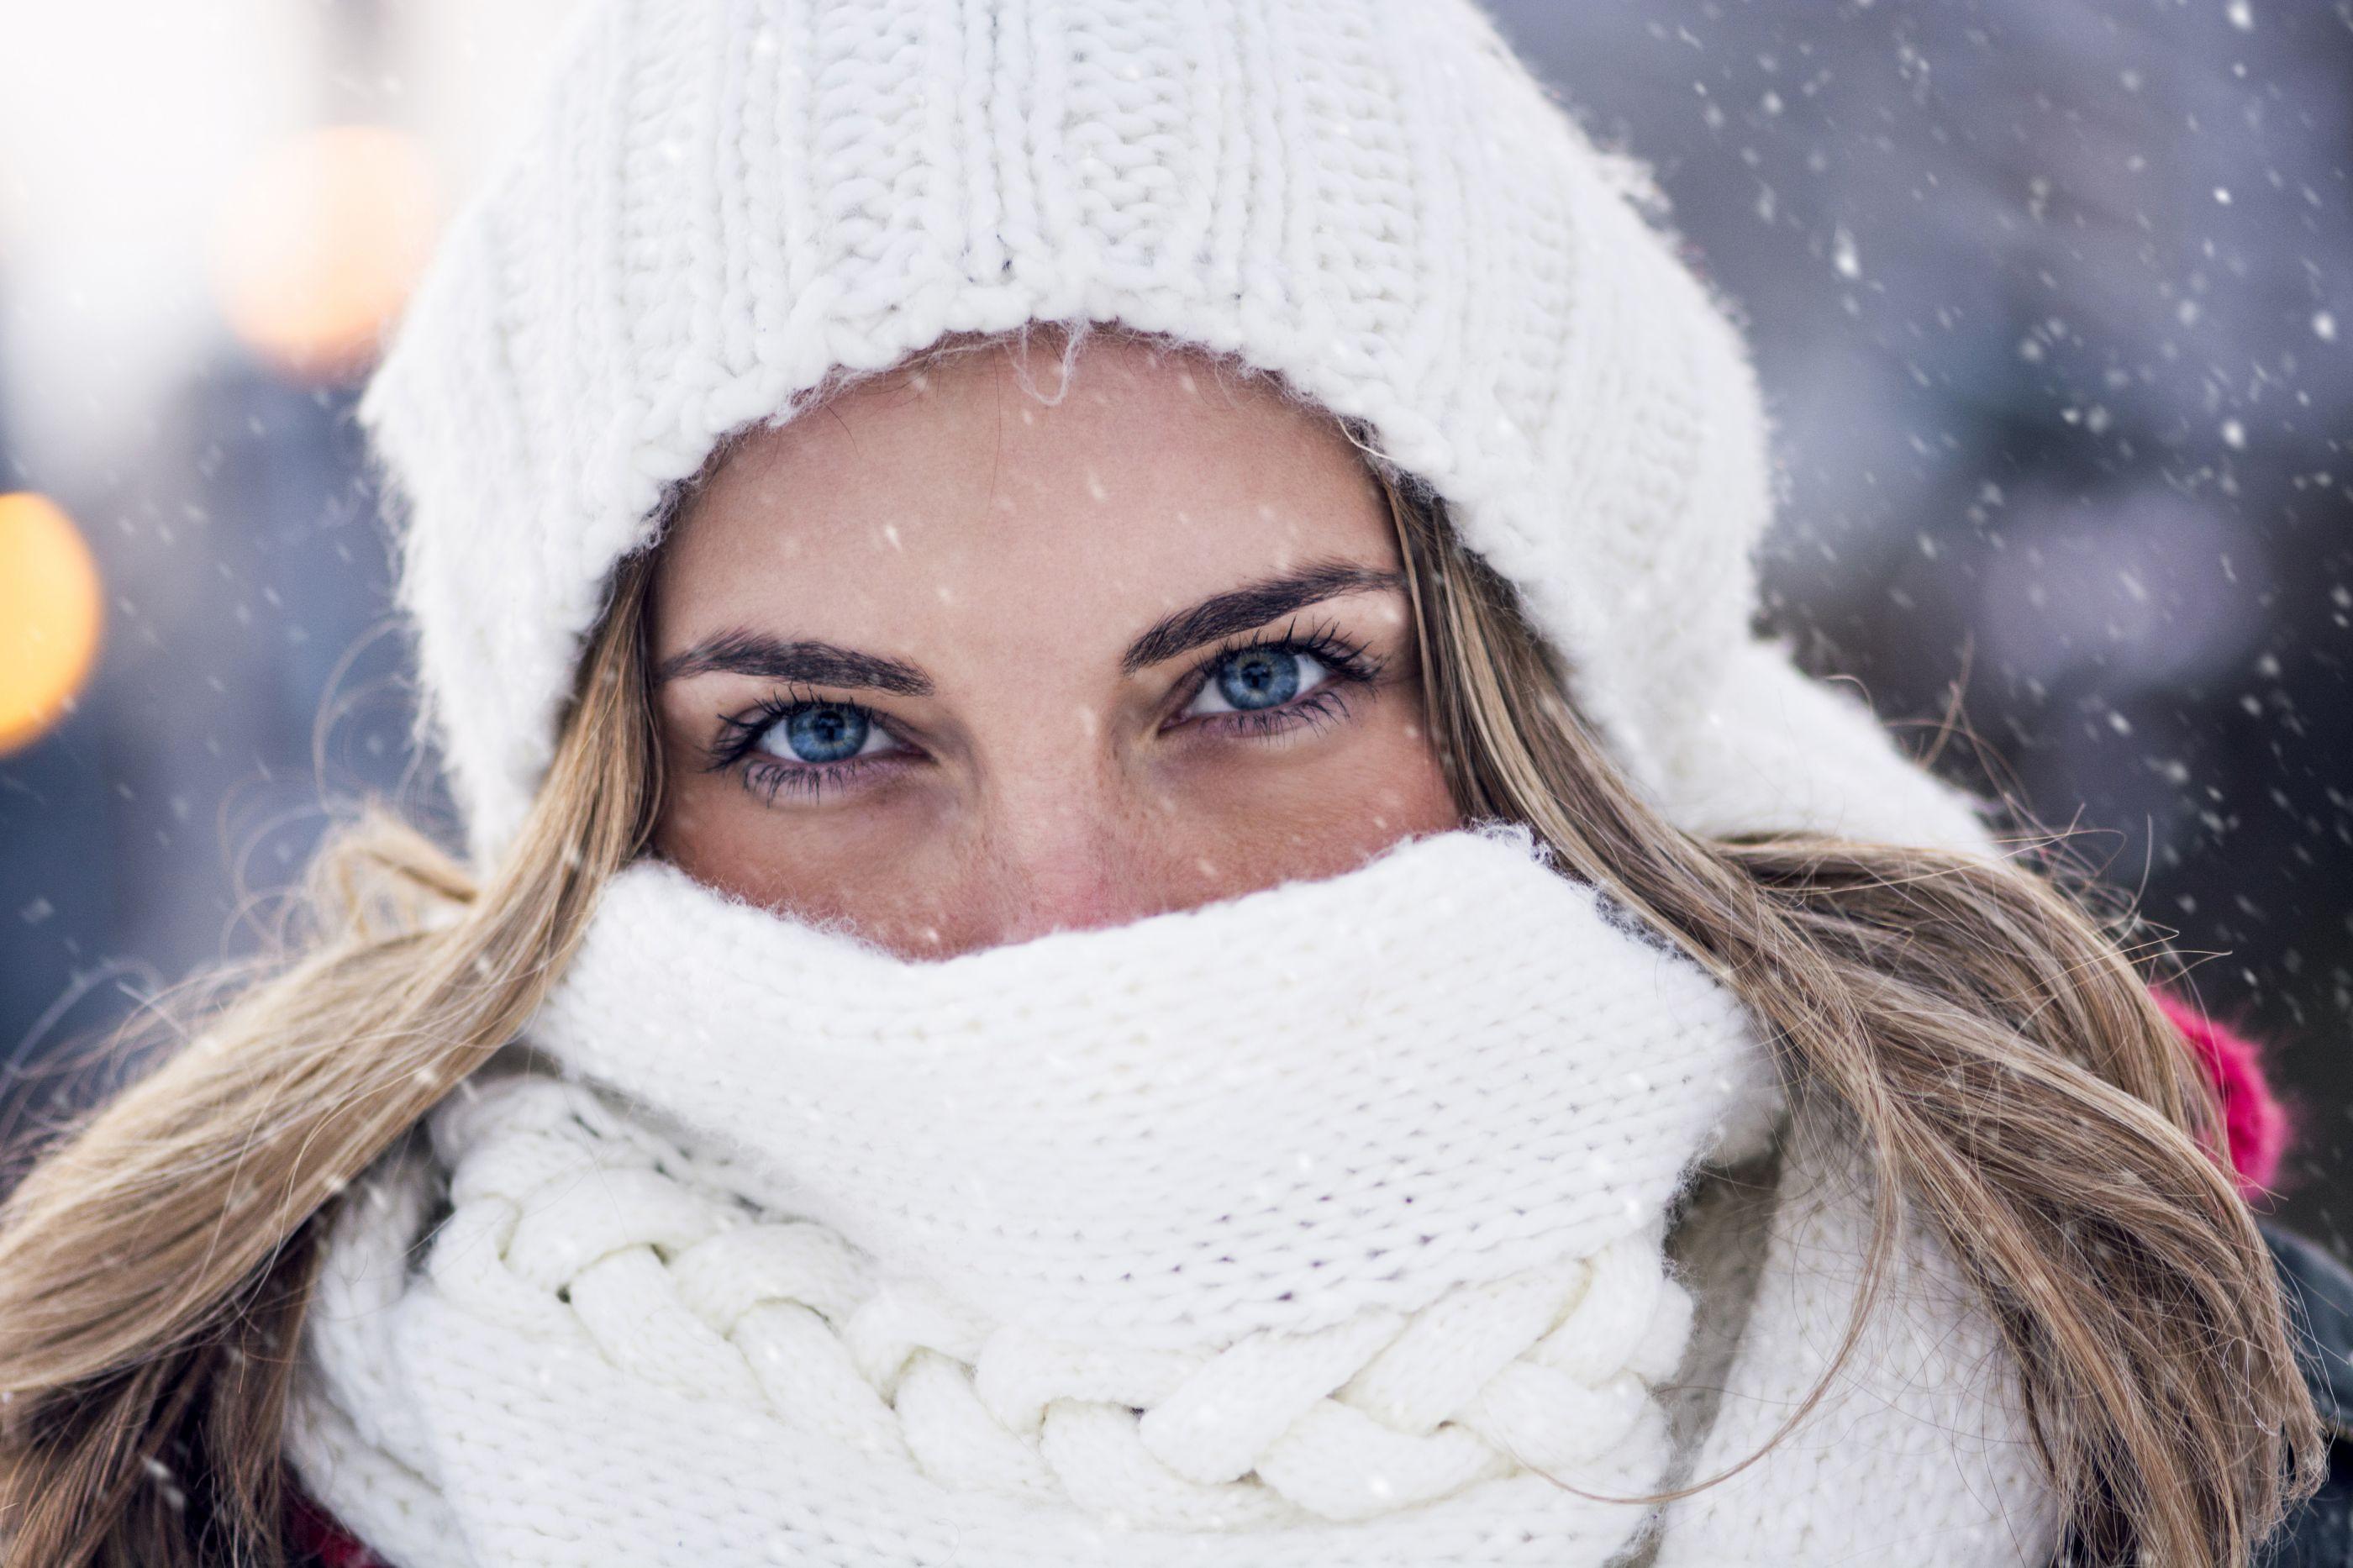 O inverno está a chegar. Proteja a sua pele, assim